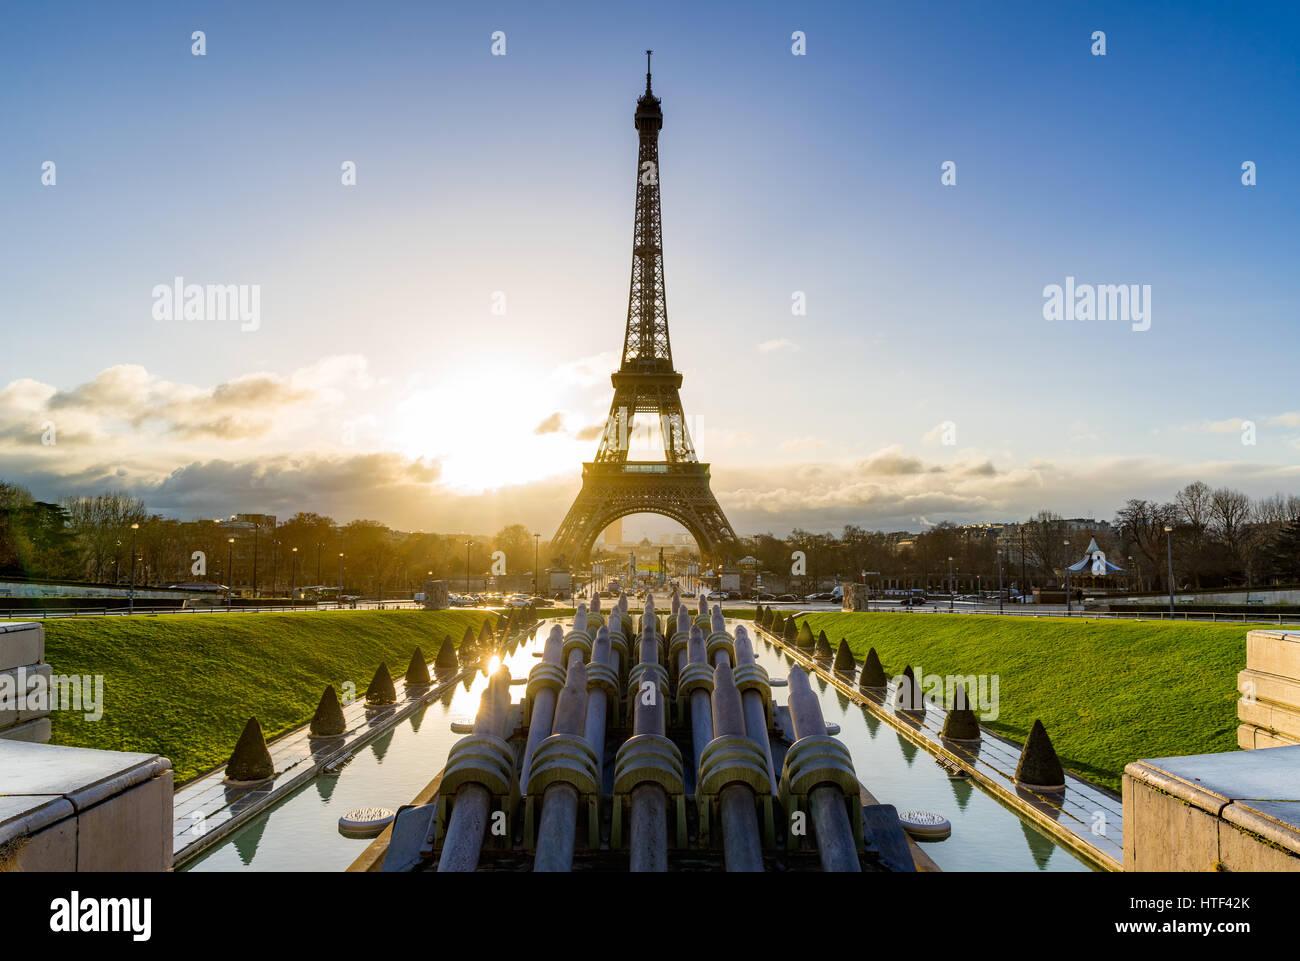 Puesta de sol en la torre Eiffel y Trocadero. París, Francia Imagen De Stock